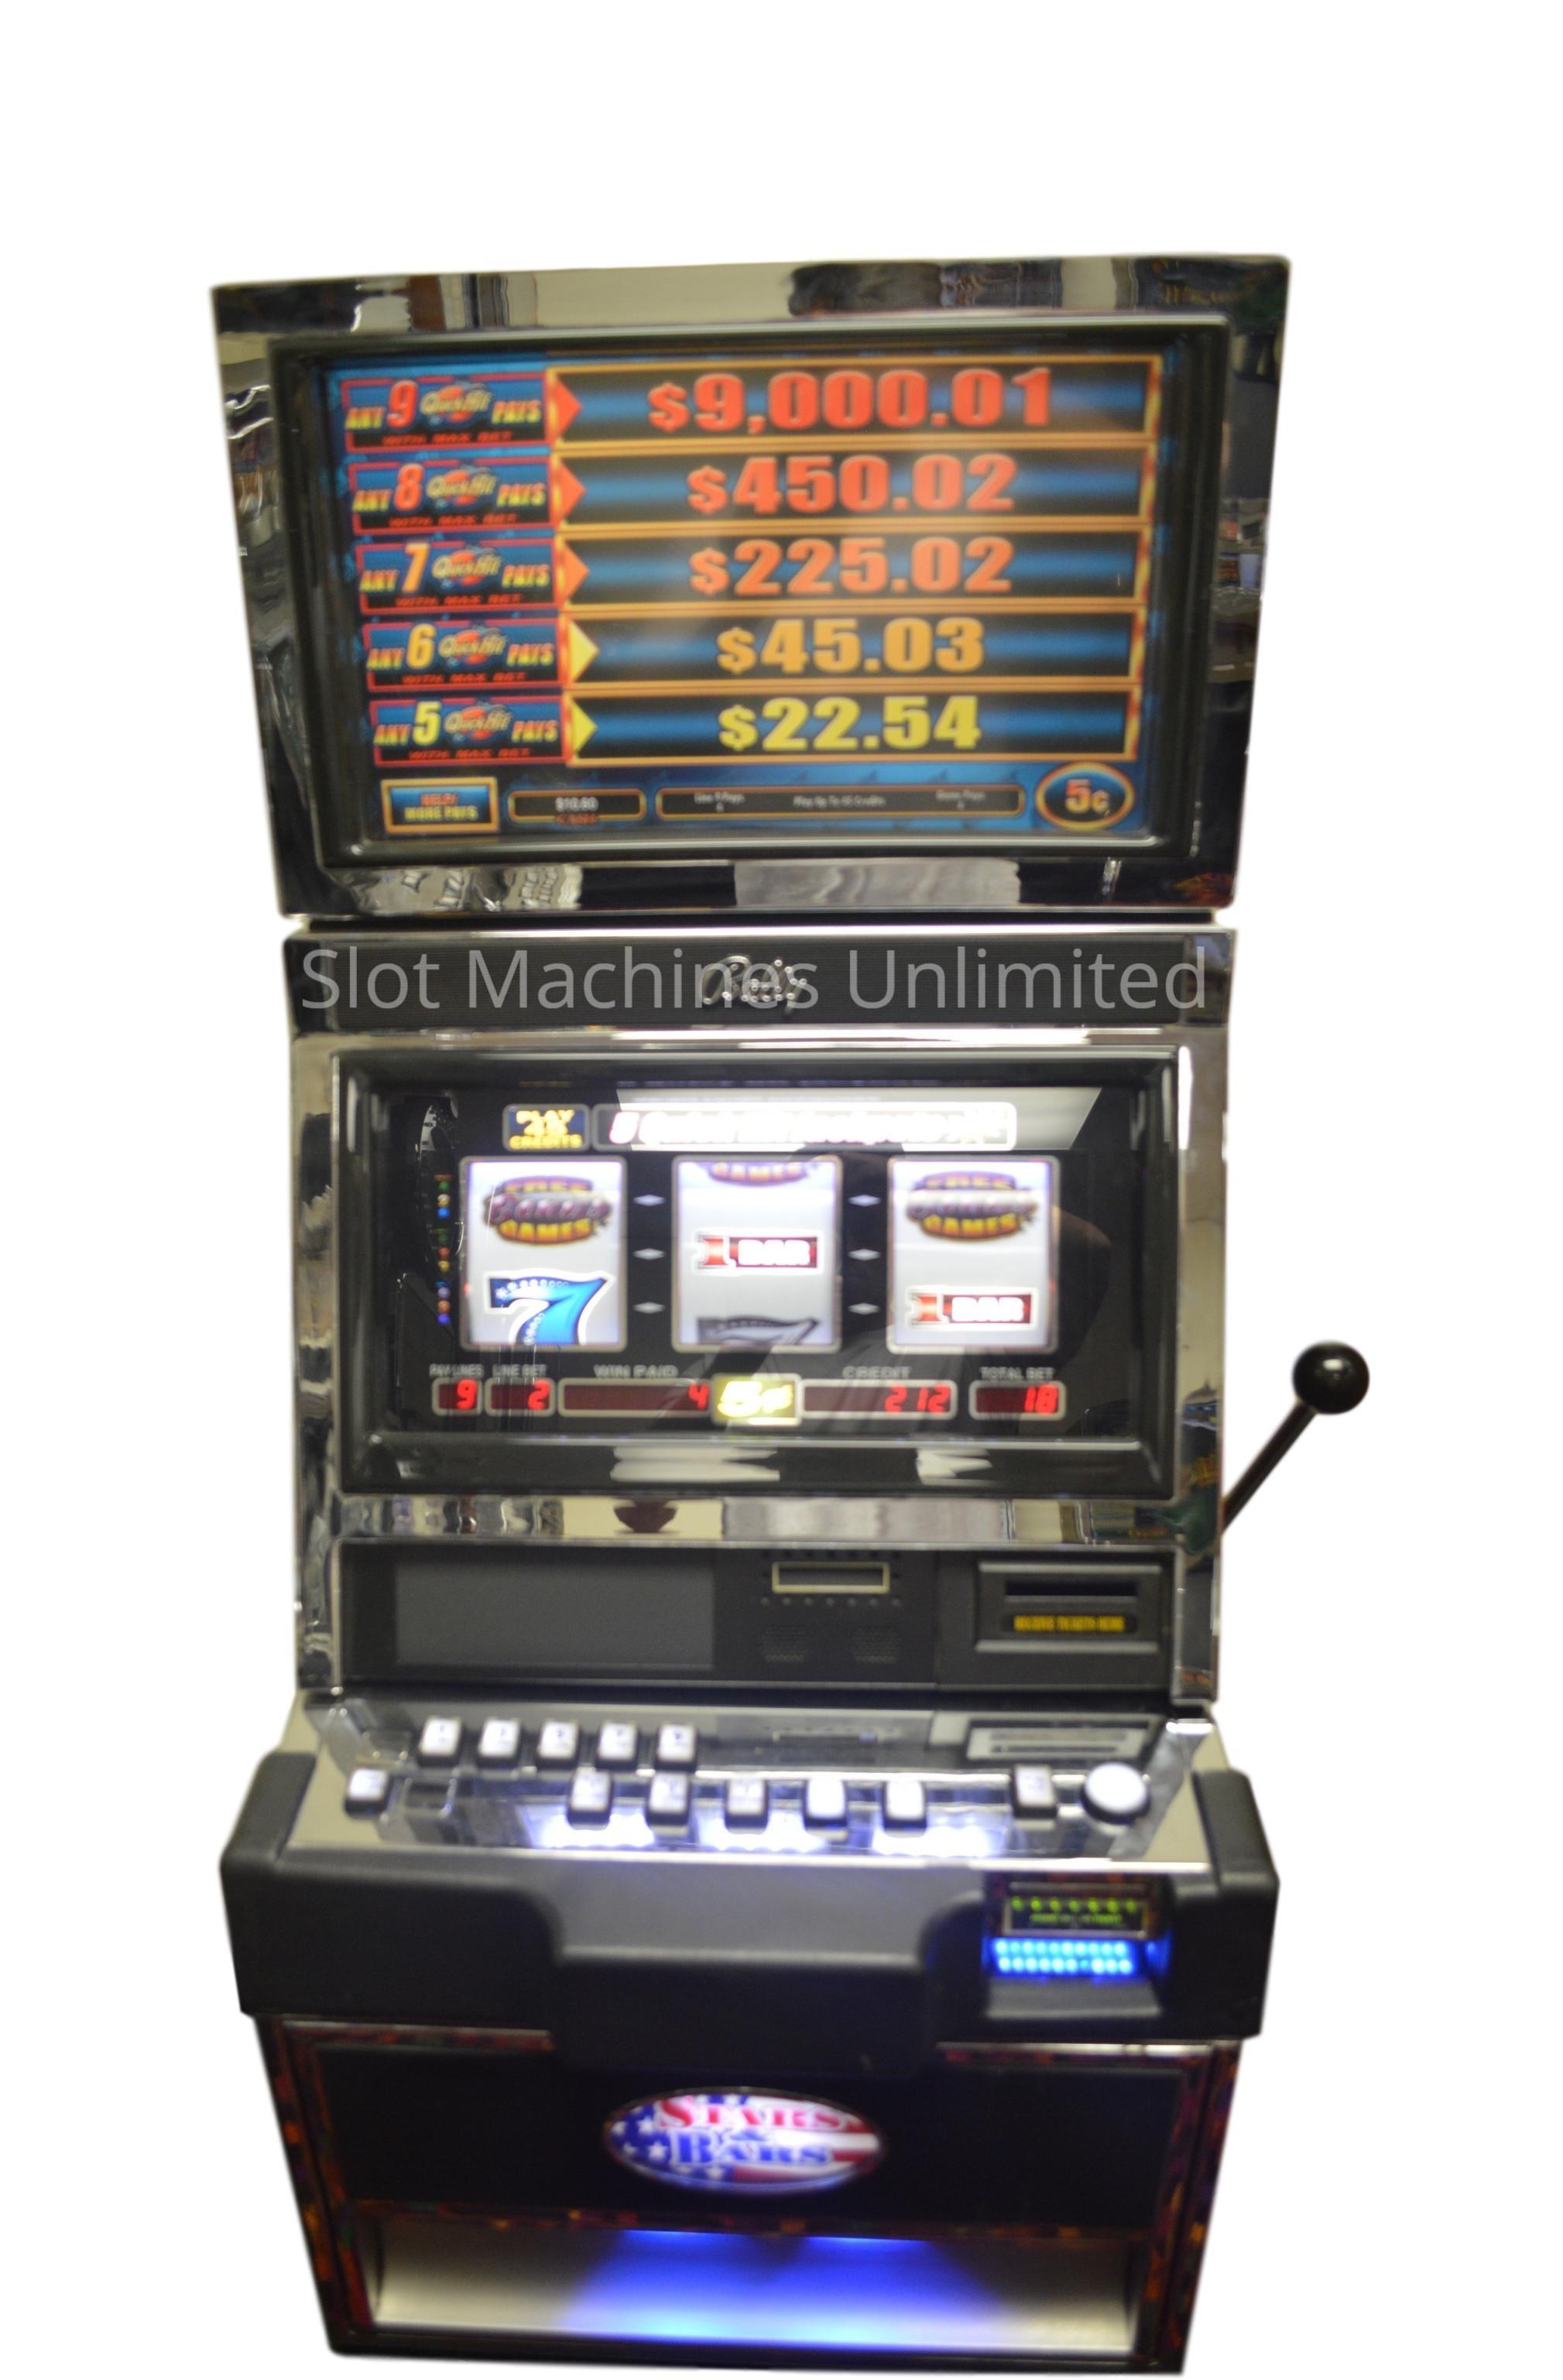 Bar Star Slot Machine